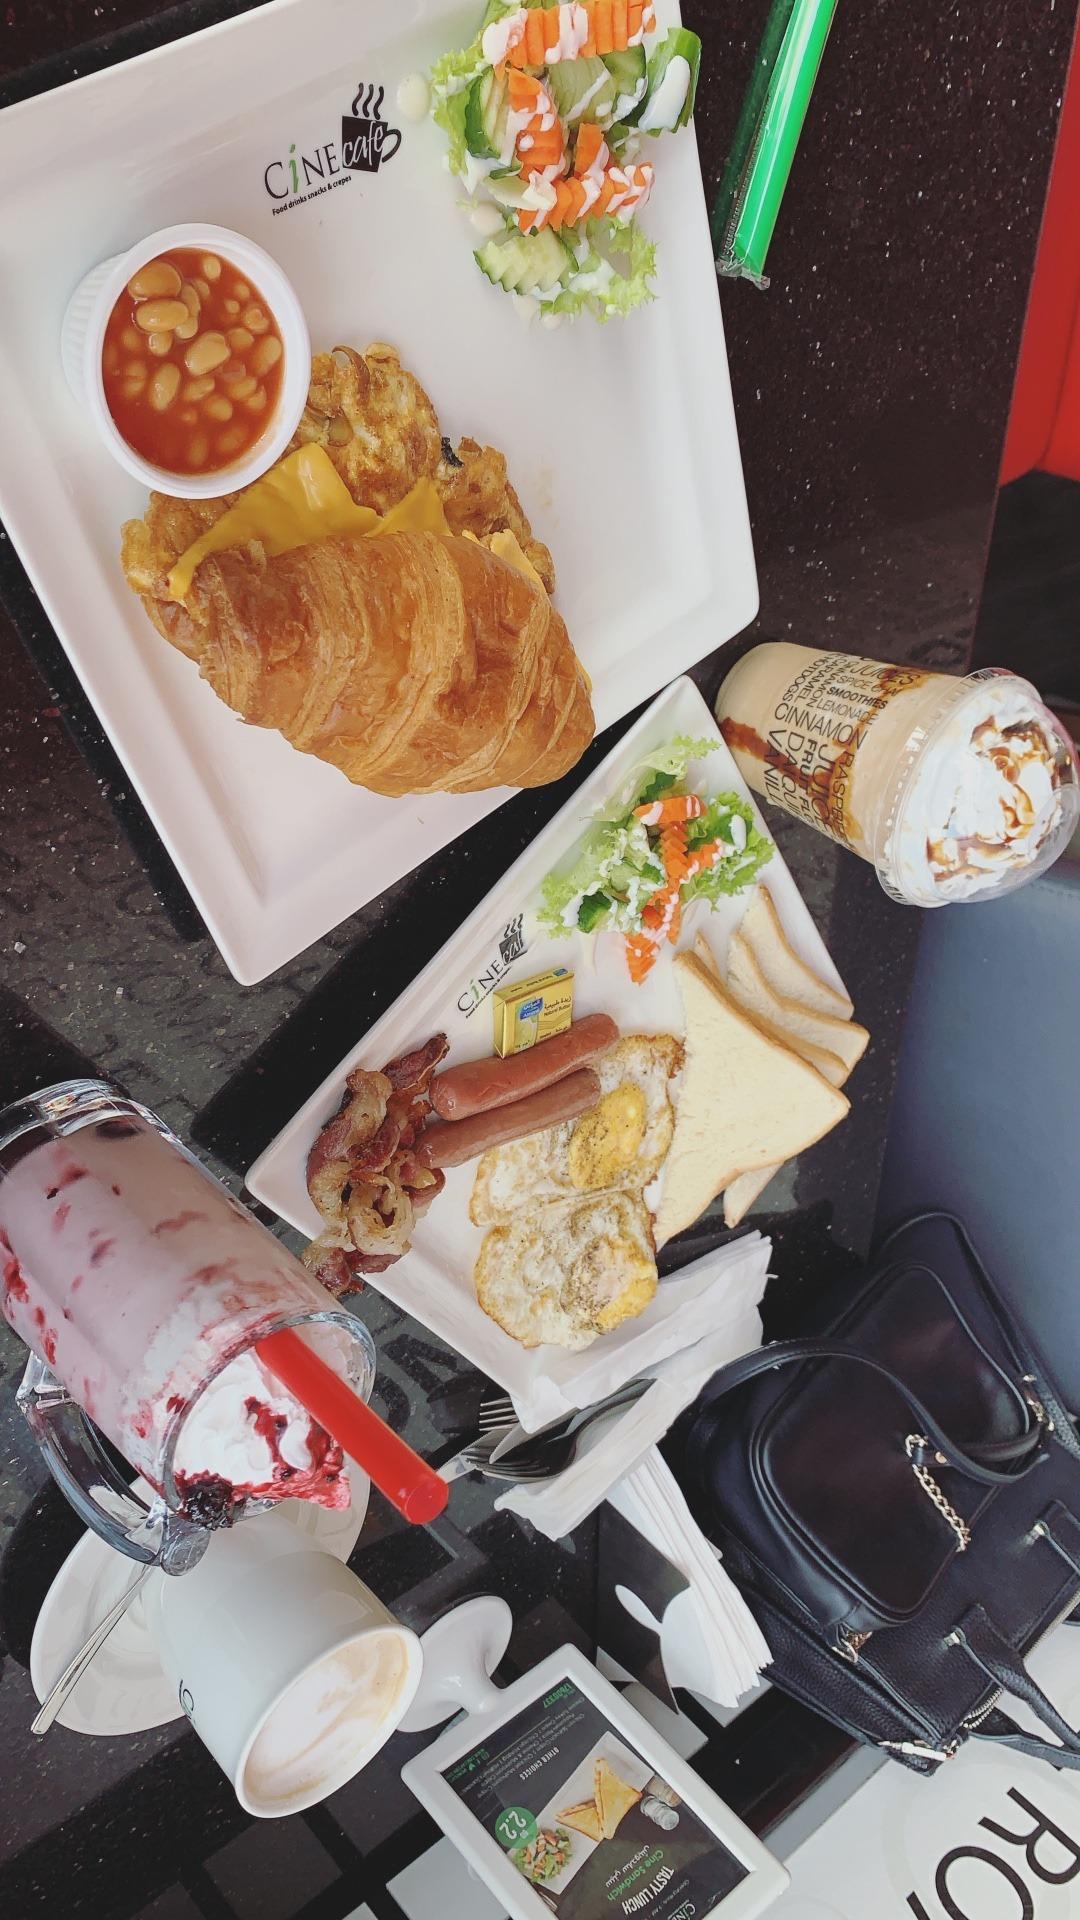 Cine Cafe - Bahrain